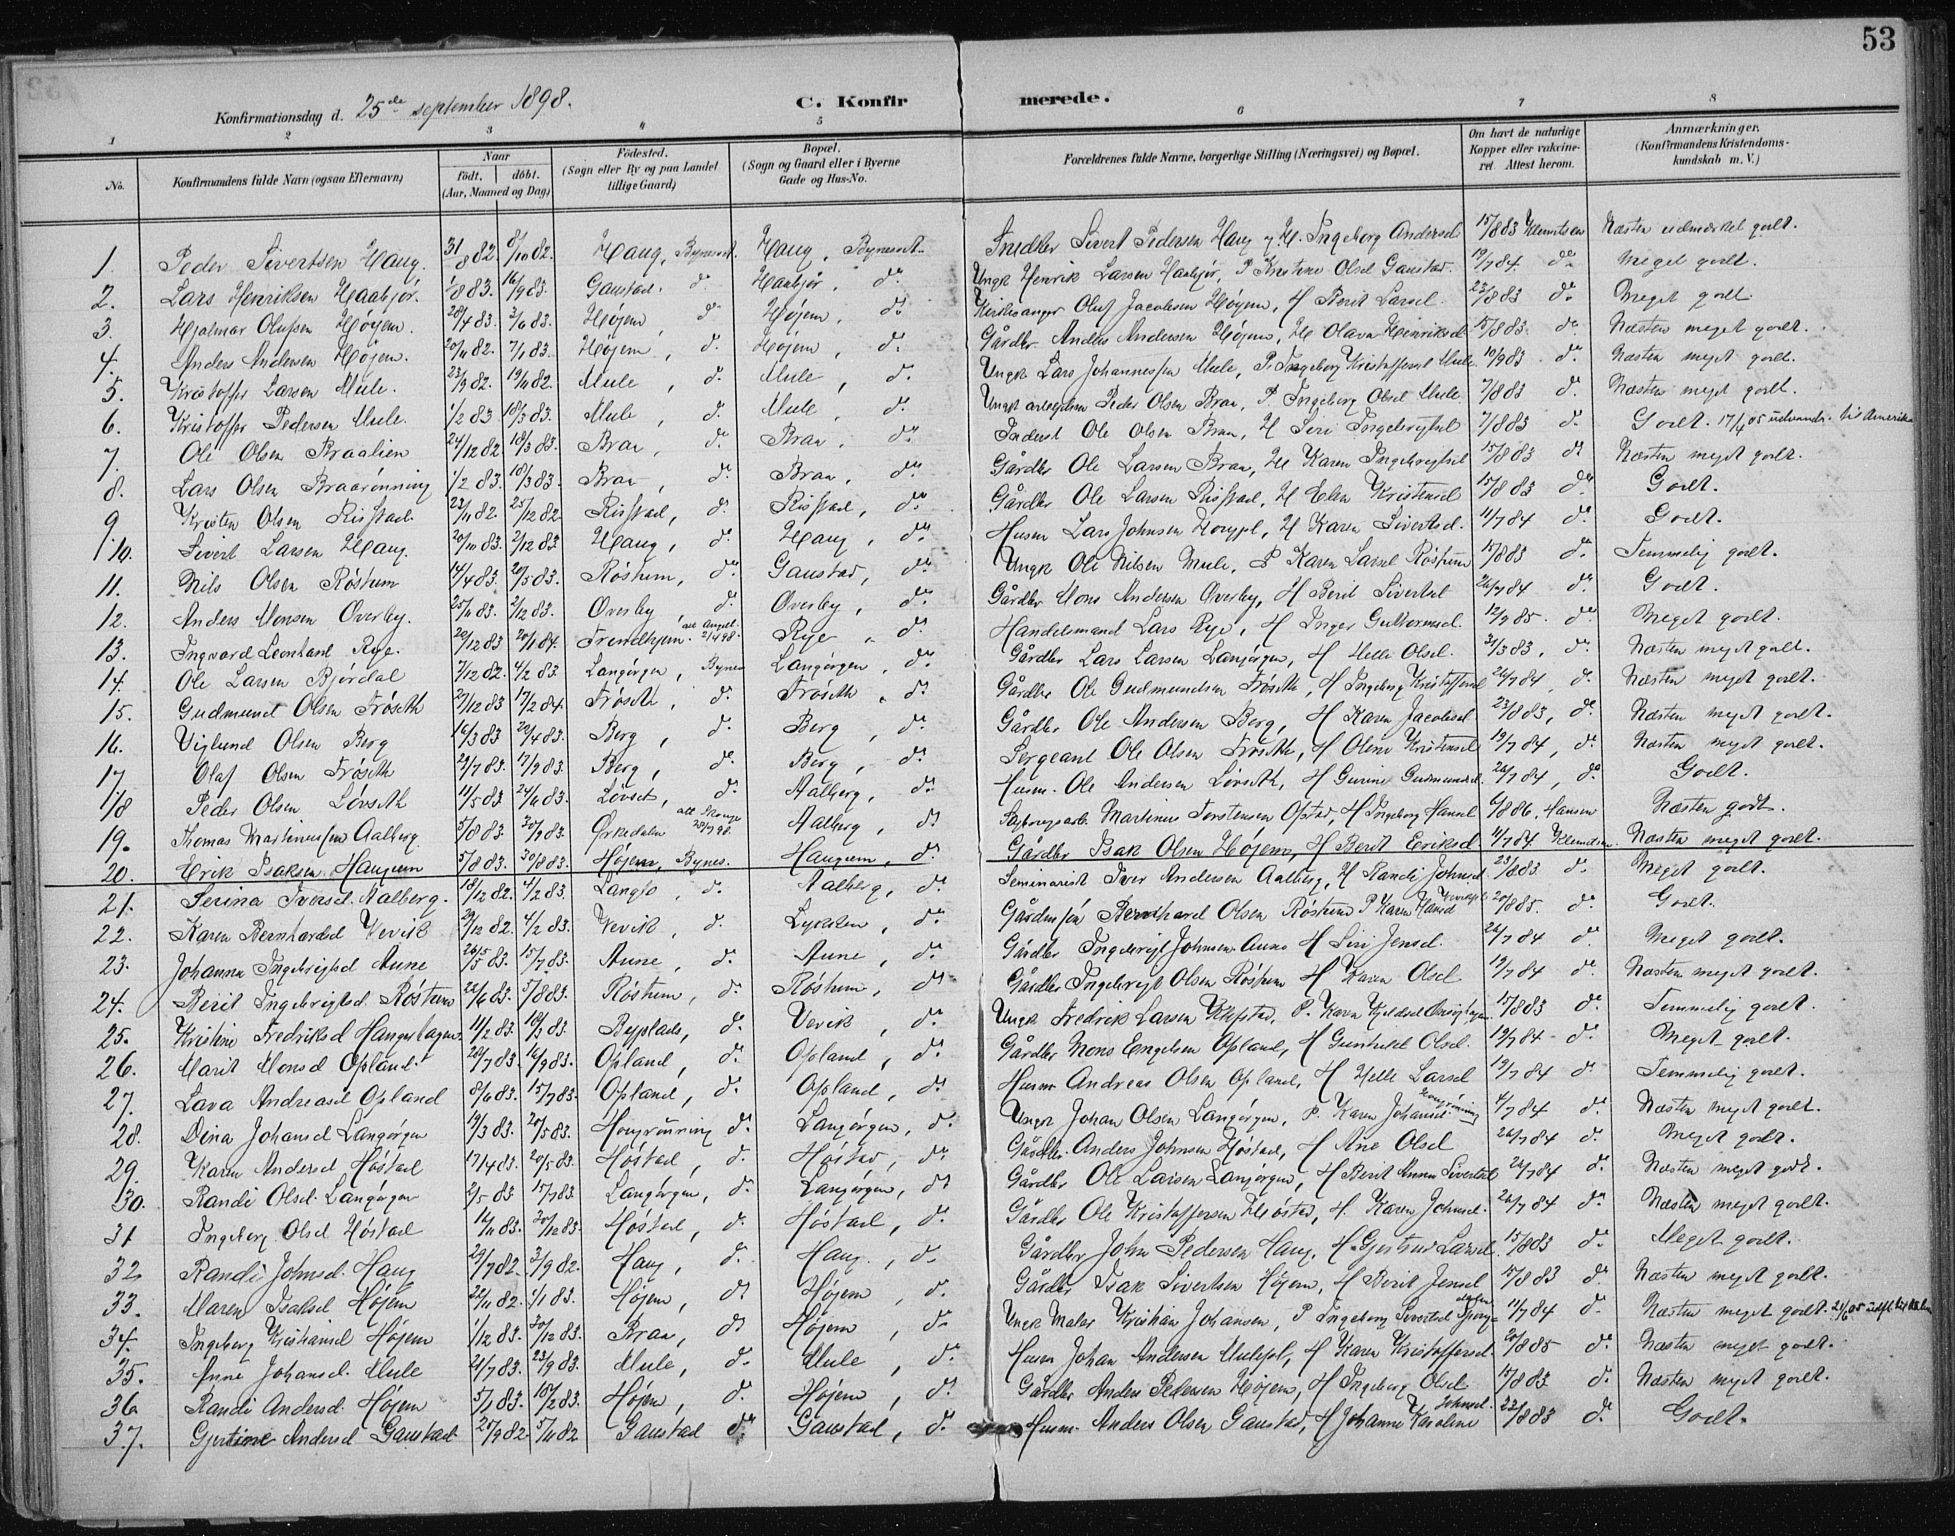 SAT, Ministerialprotokoller, klokkerbøker og fødselsregistre - Sør-Trøndelag, 612/L0380: Ministerialbok nr. 612A12, 1898-1907, s. 53